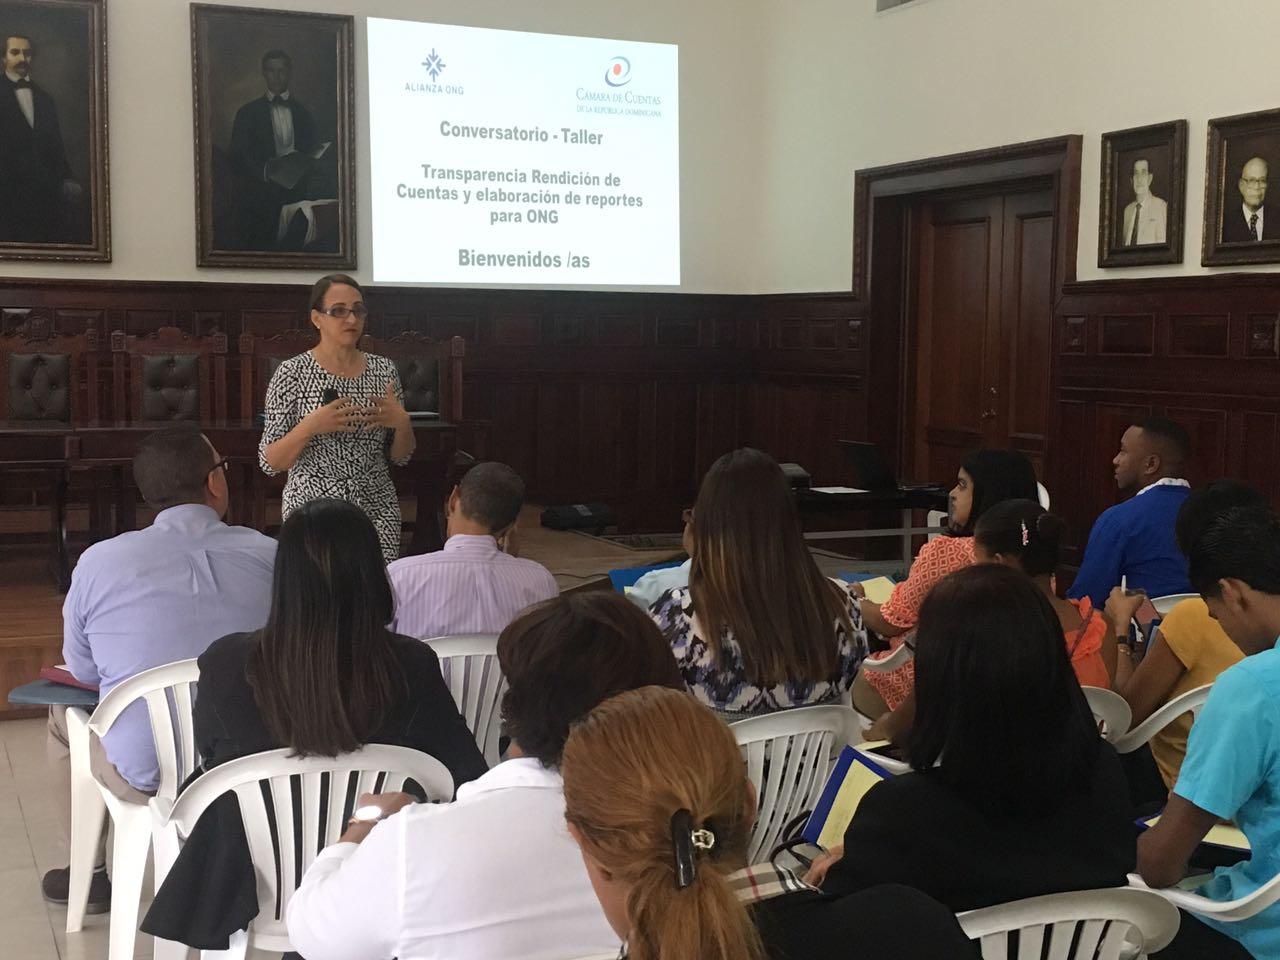 Alianza ONG y Cámara de Cuentas imparten talleres sobre transparencia y rendición de cuentas